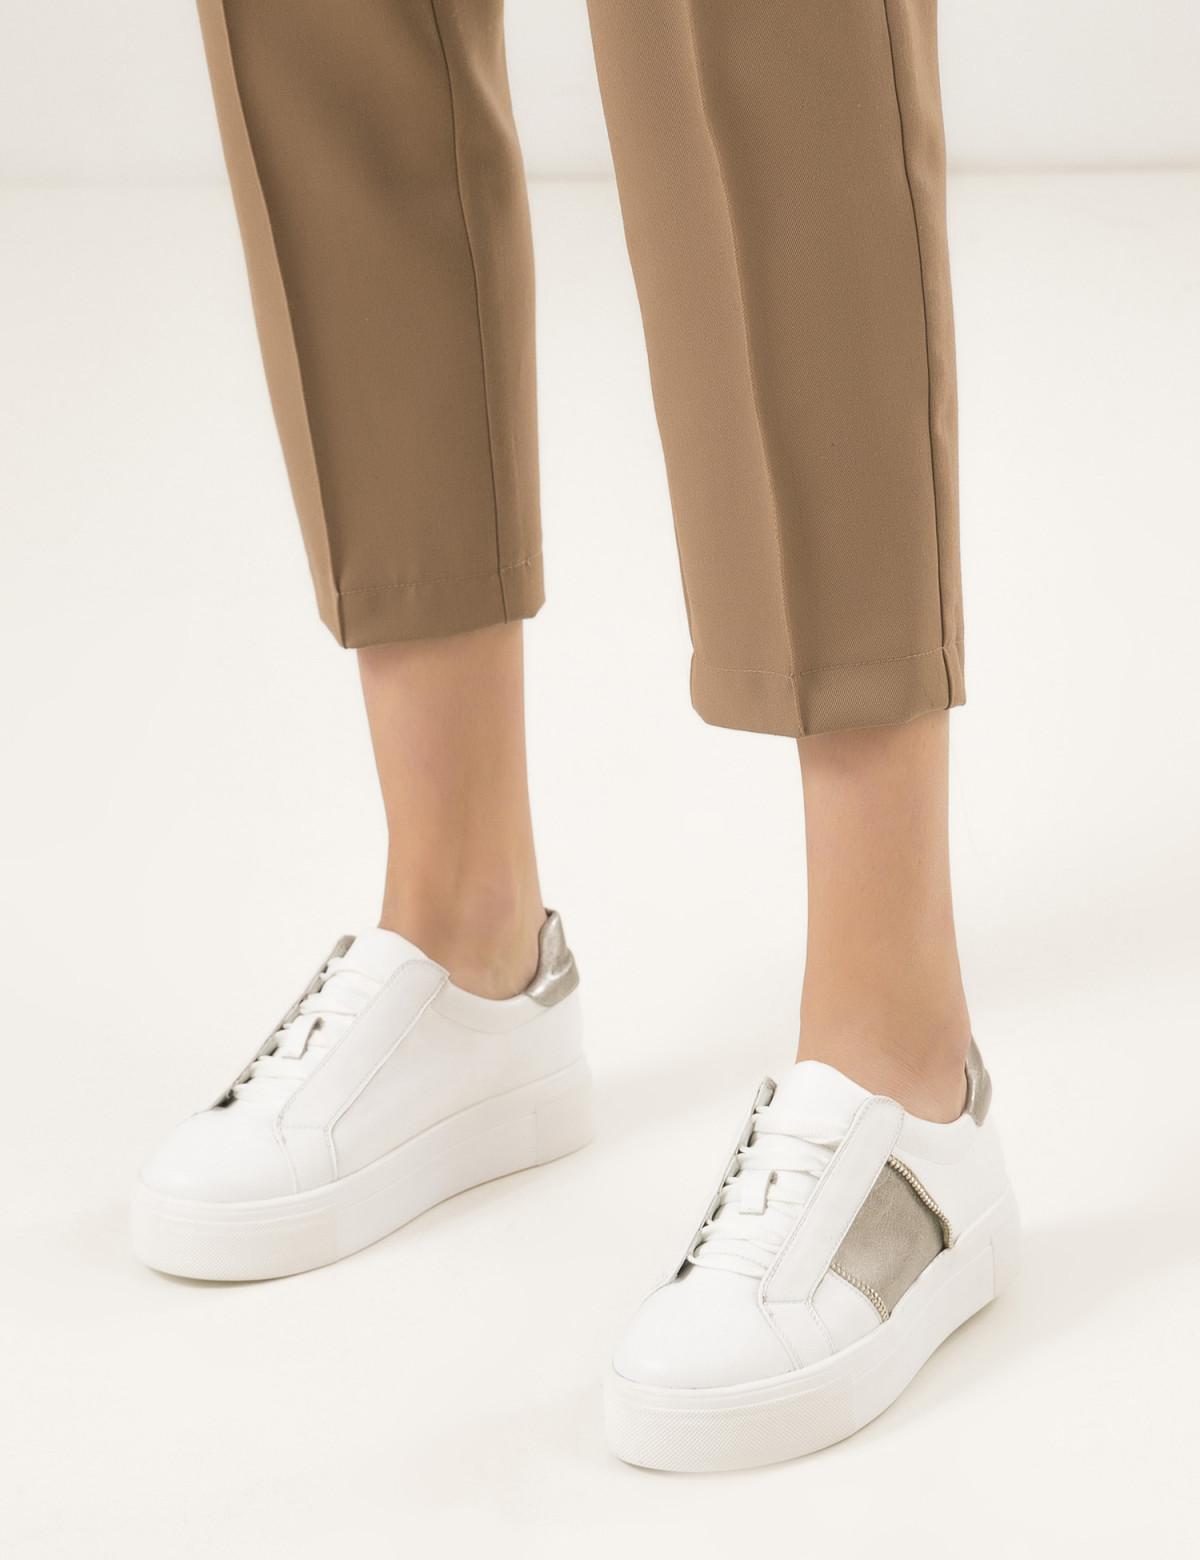 Кросівки білі, натуральна шкіра5